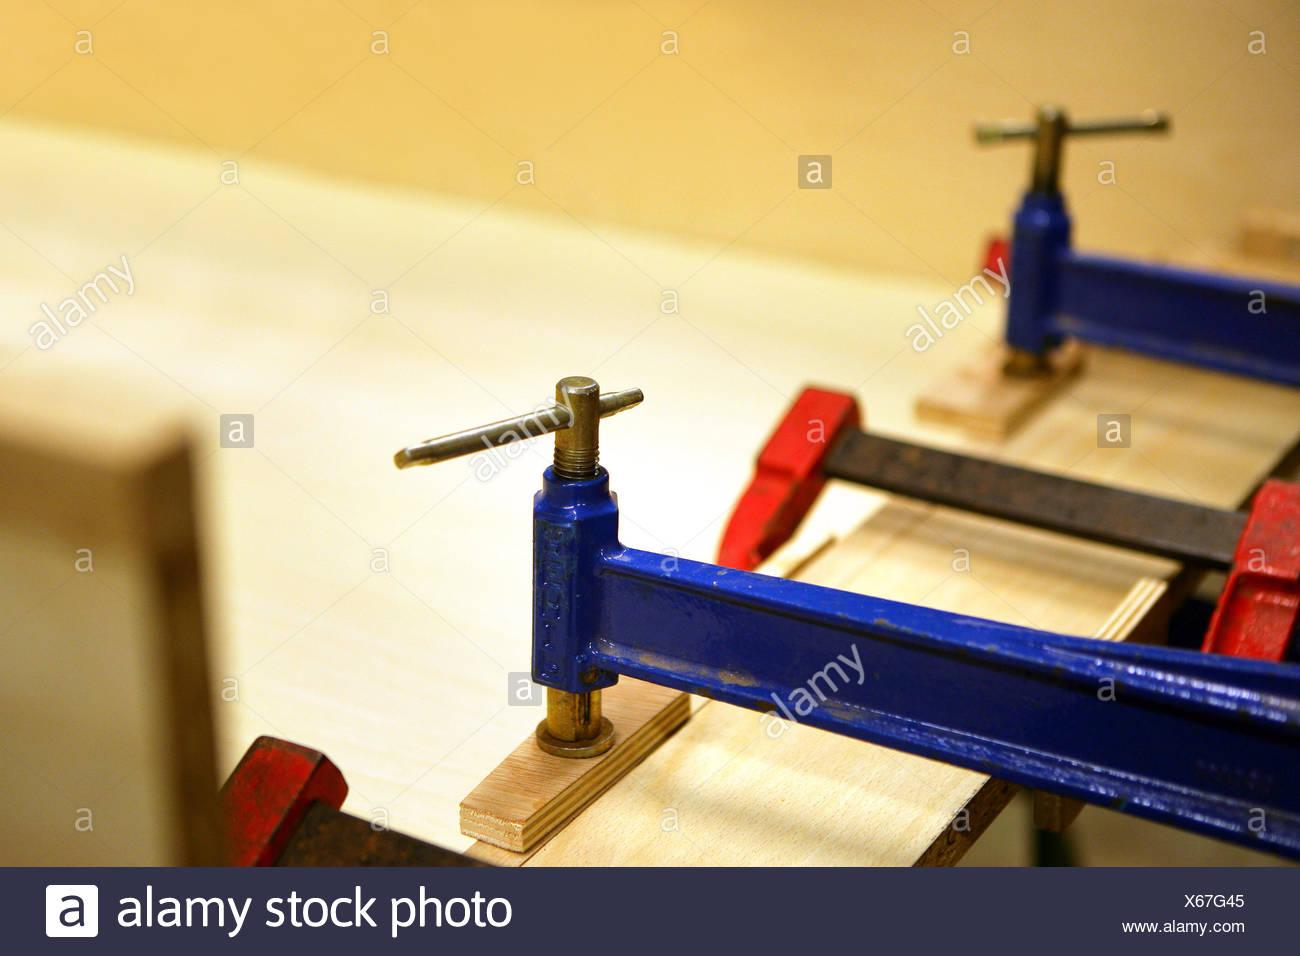 Outil,object,pompe de serrage Photo Stock